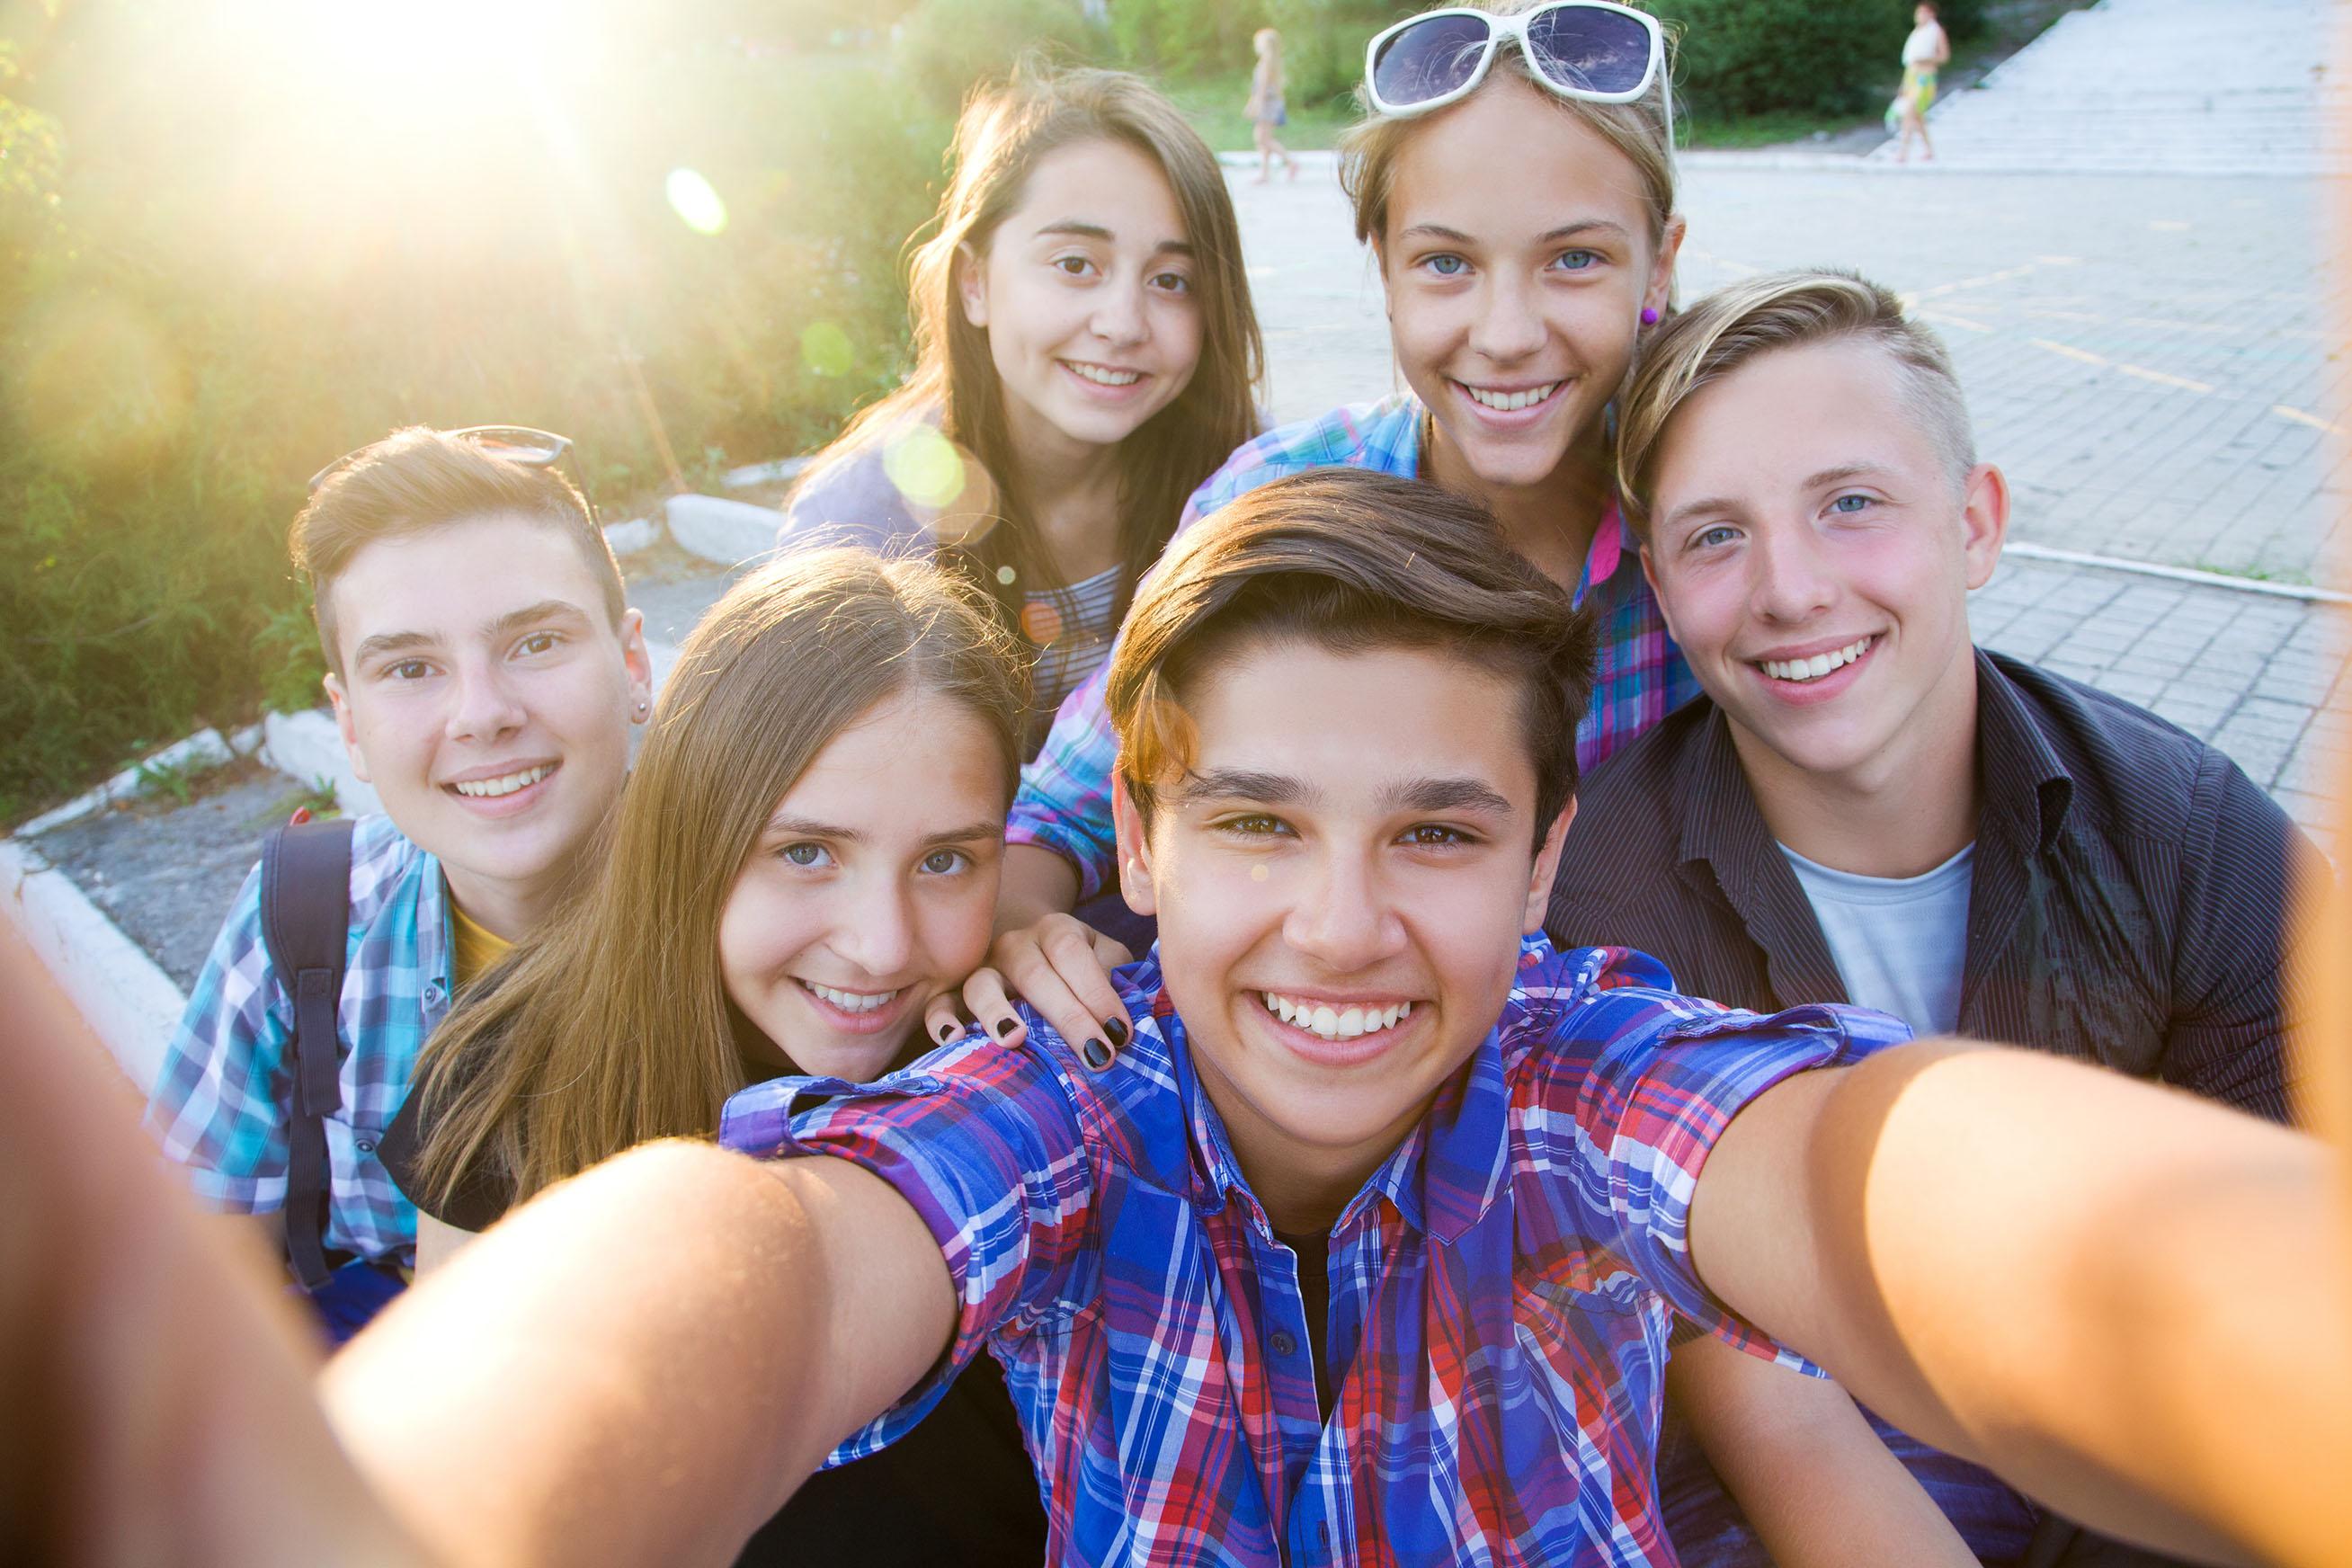 Festiwal Młodzieży 2018